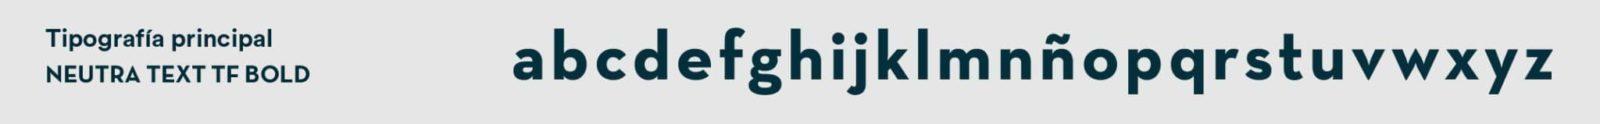 Tipografía principal de Magalarte Zamudio